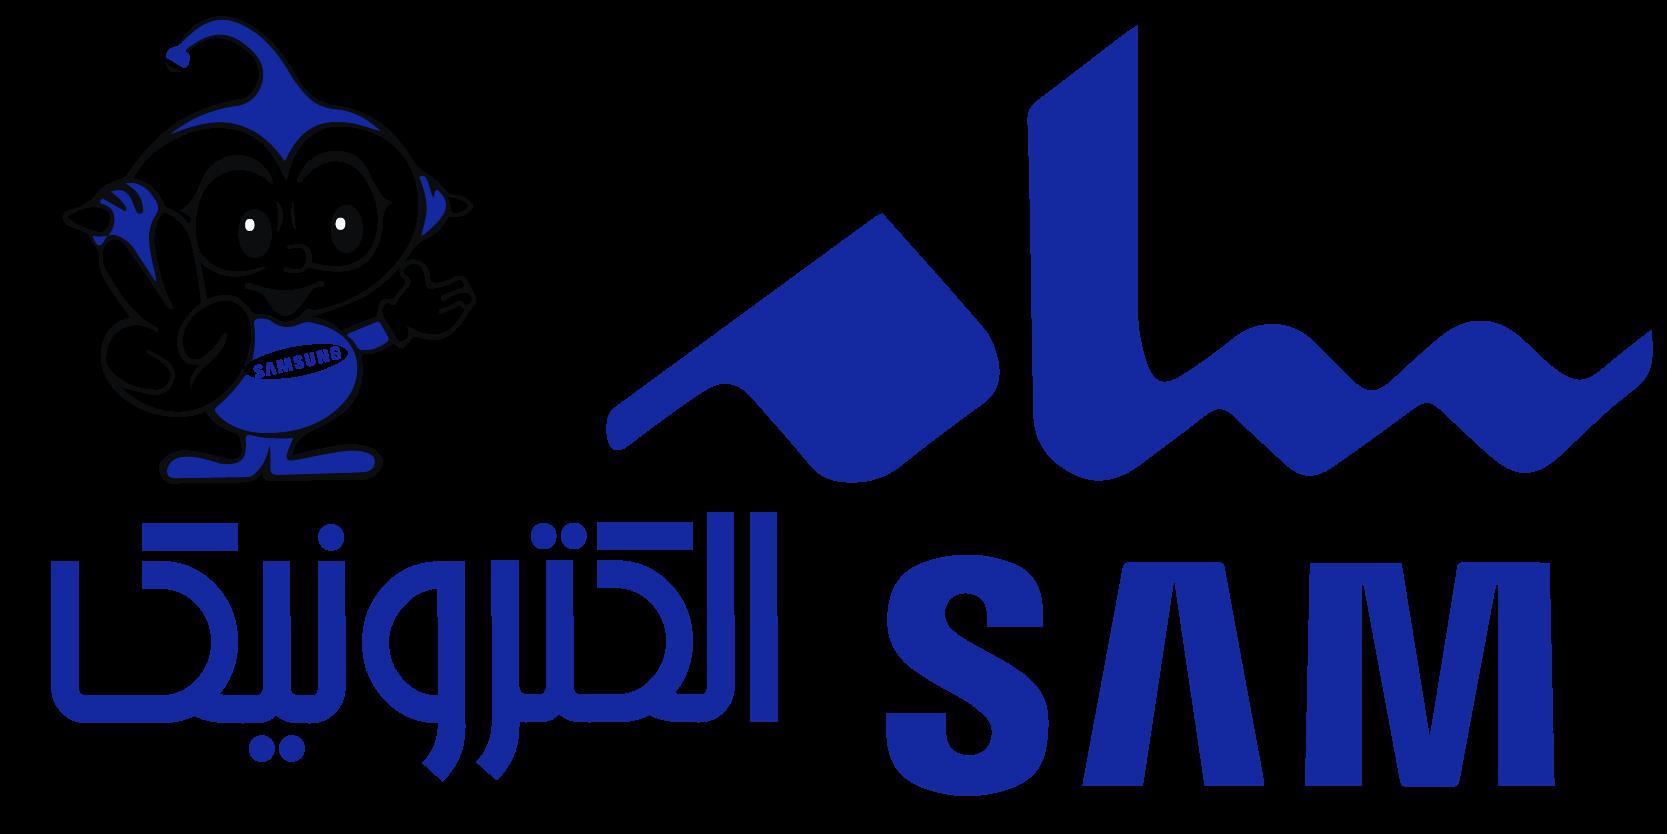 فروشگاه تهران سام الکترونیک| فروش محصولات سامسونگ